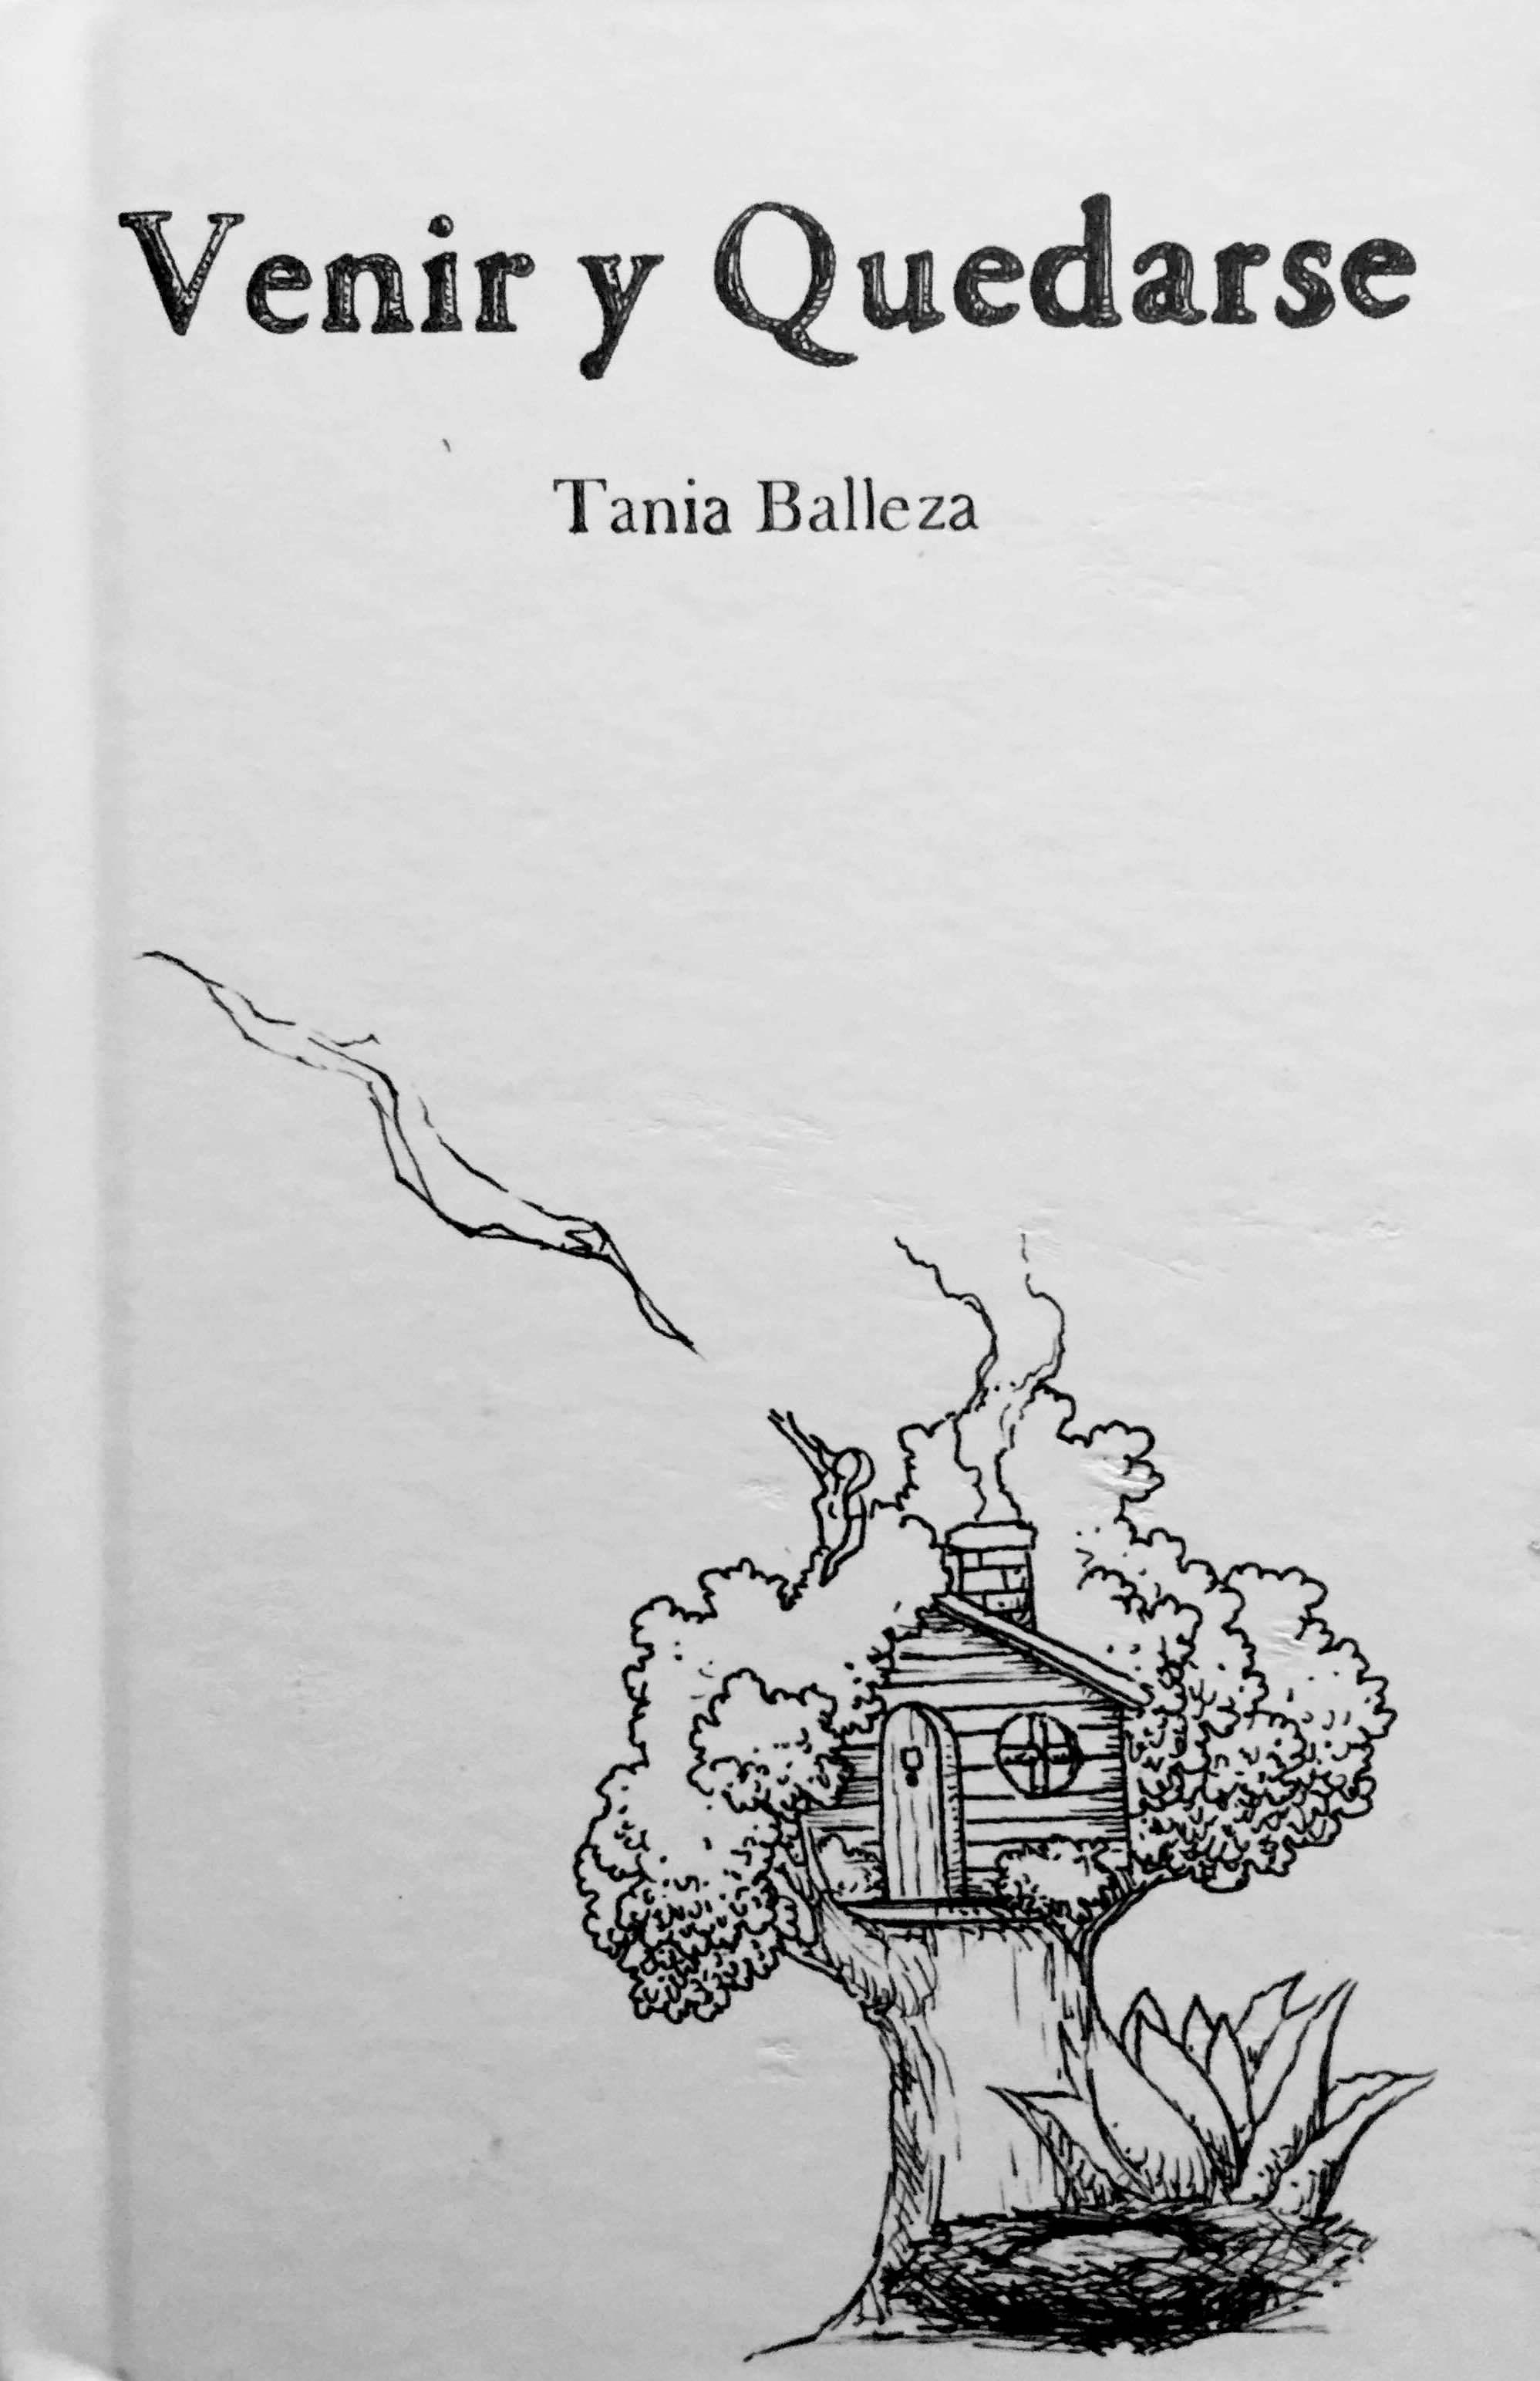 Venir y Quedarse  by  Tania Balleza